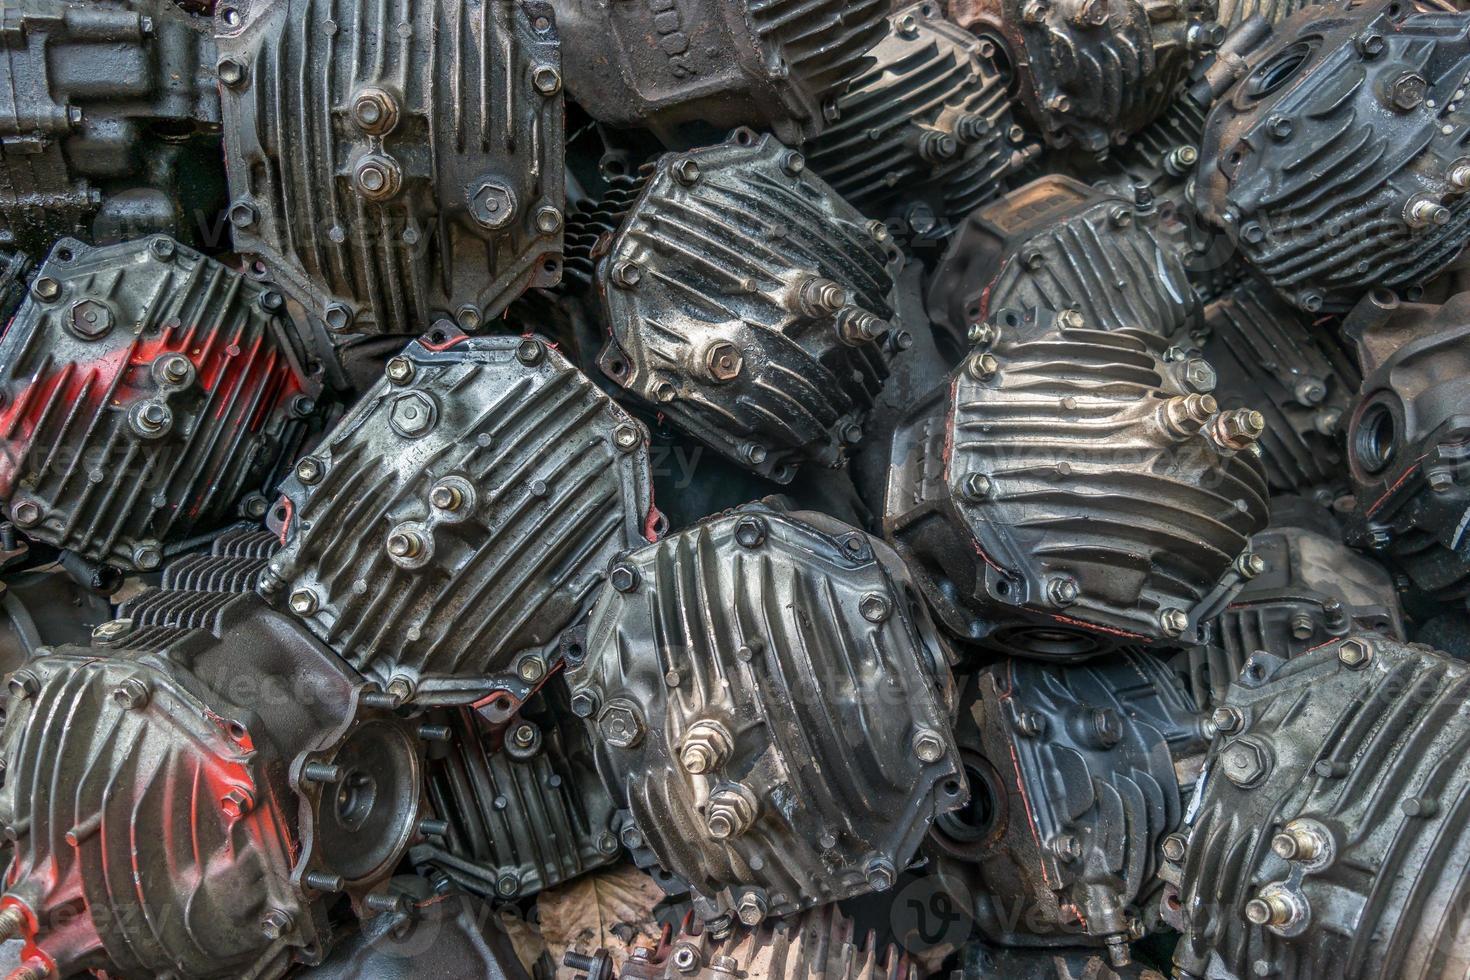 motores de motocicletas foto